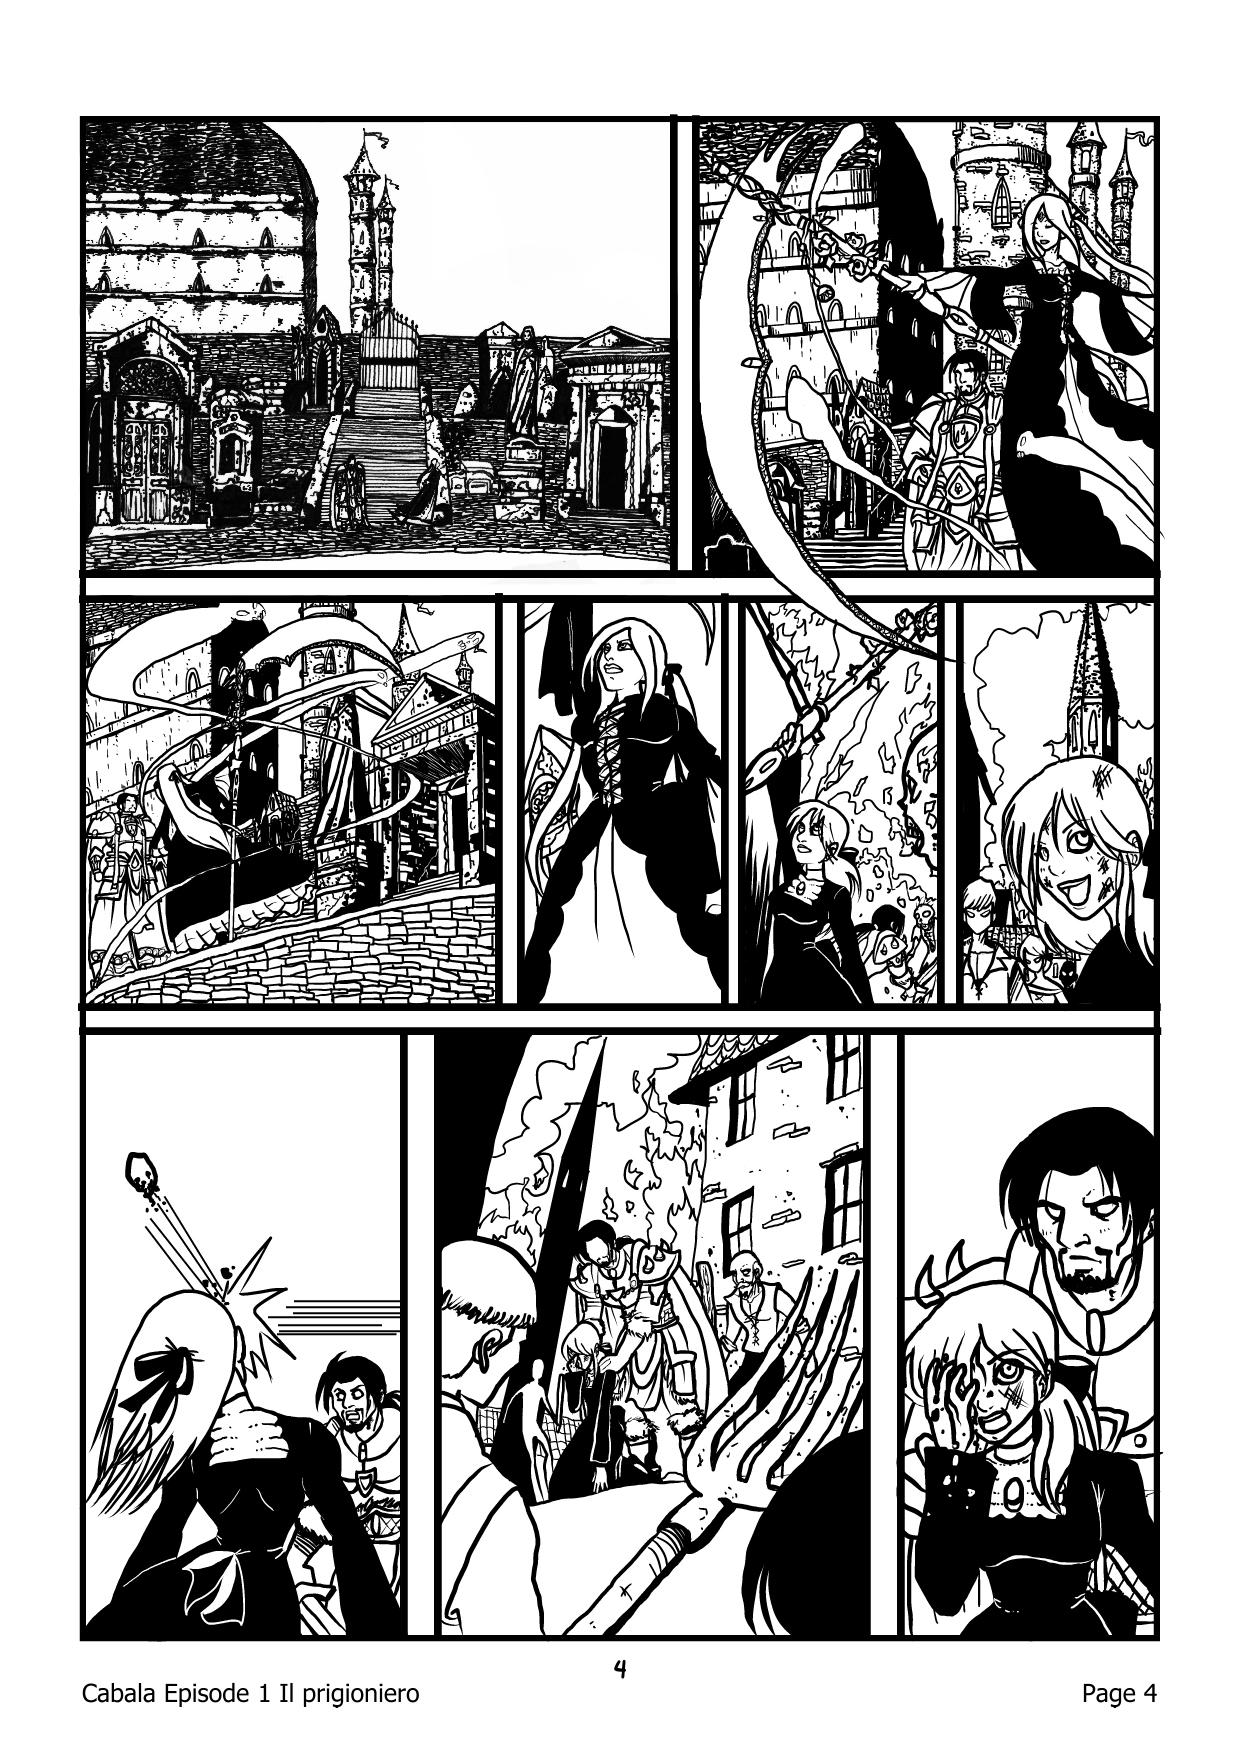 Page 4 B/W Version